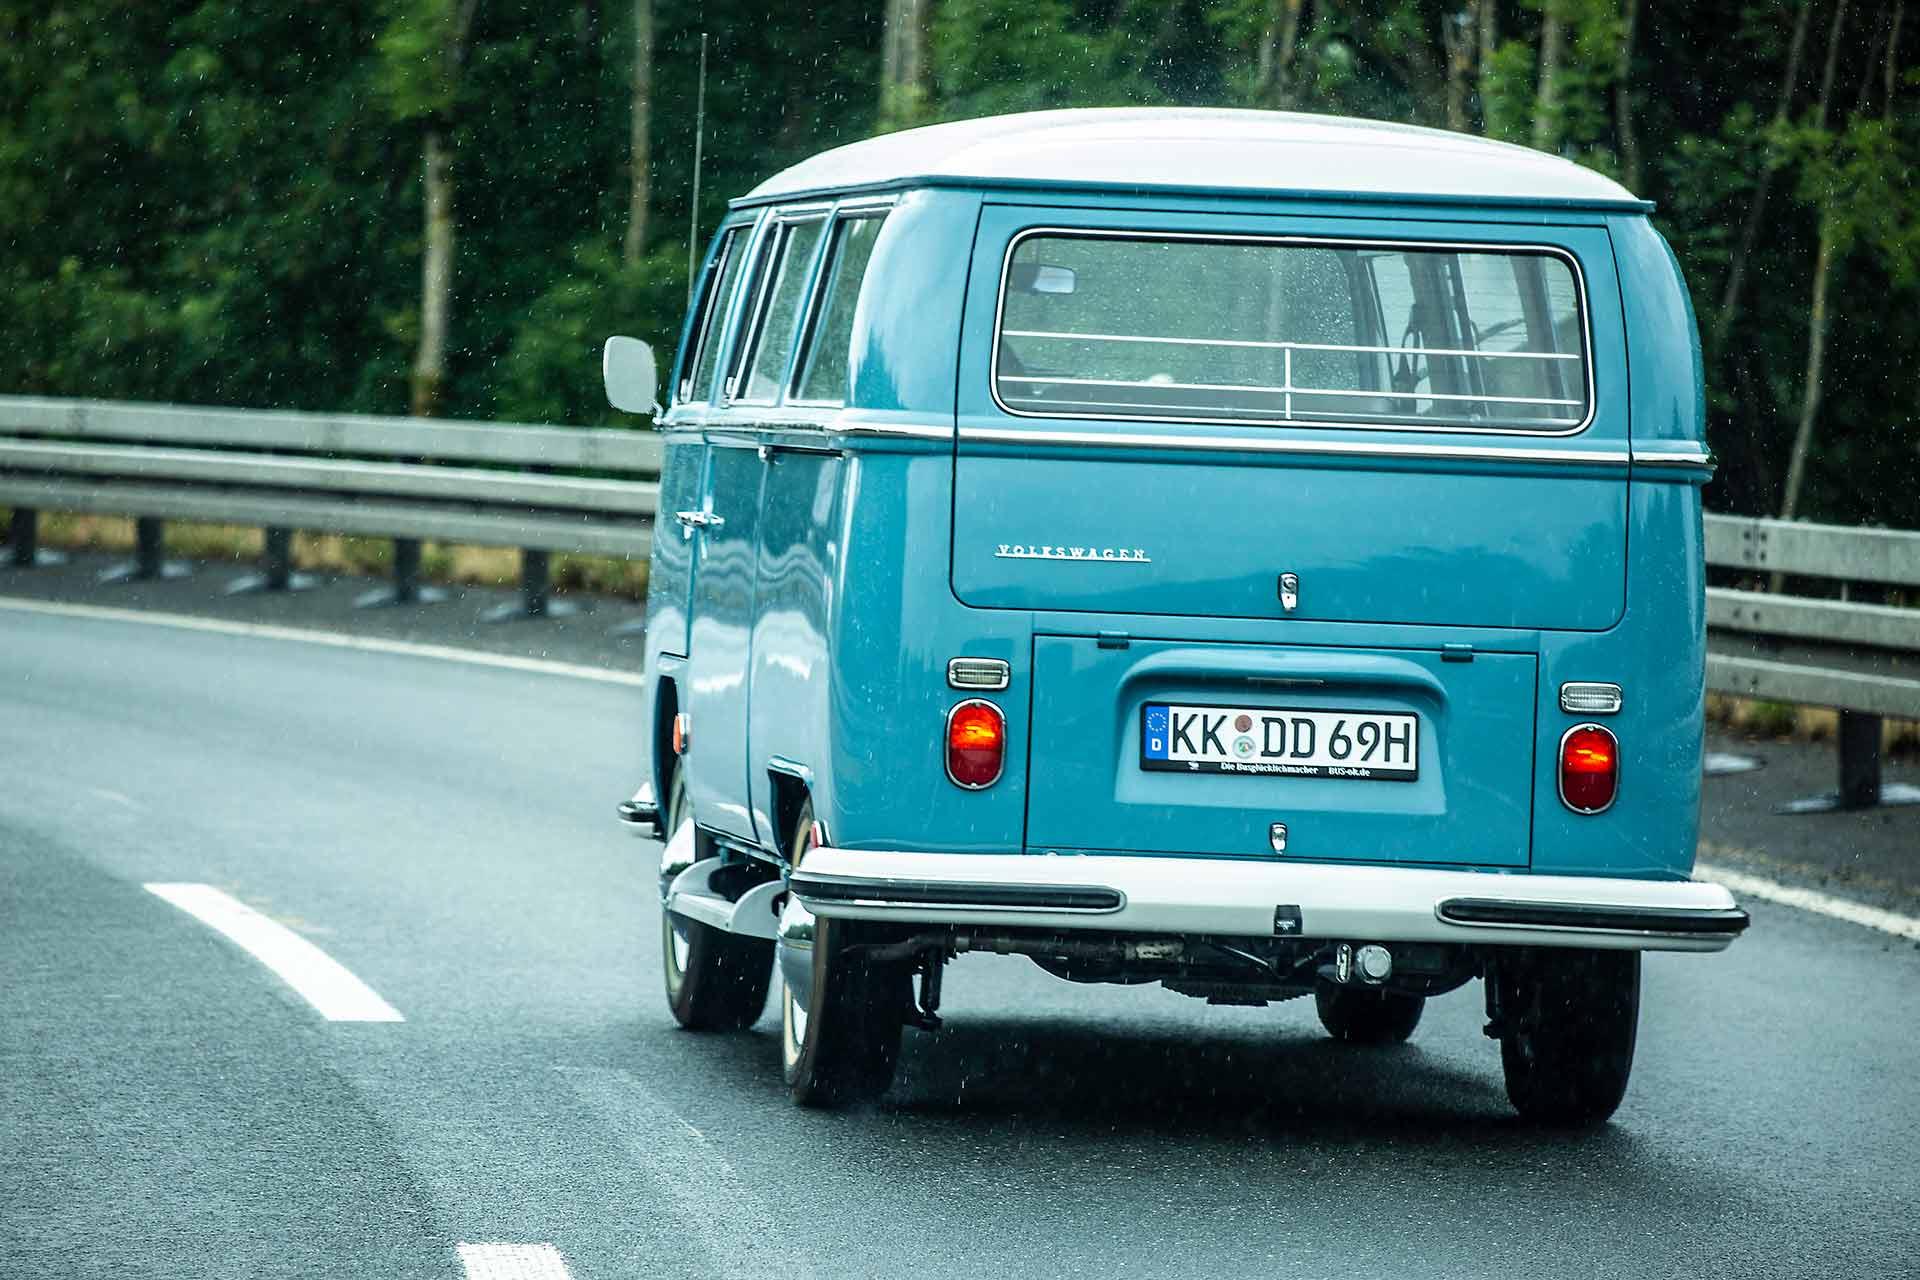 Zurück im regnerischen Rheinland: VW Bus T2 L-Bus mit Doppelschiebetür und Schiebedach